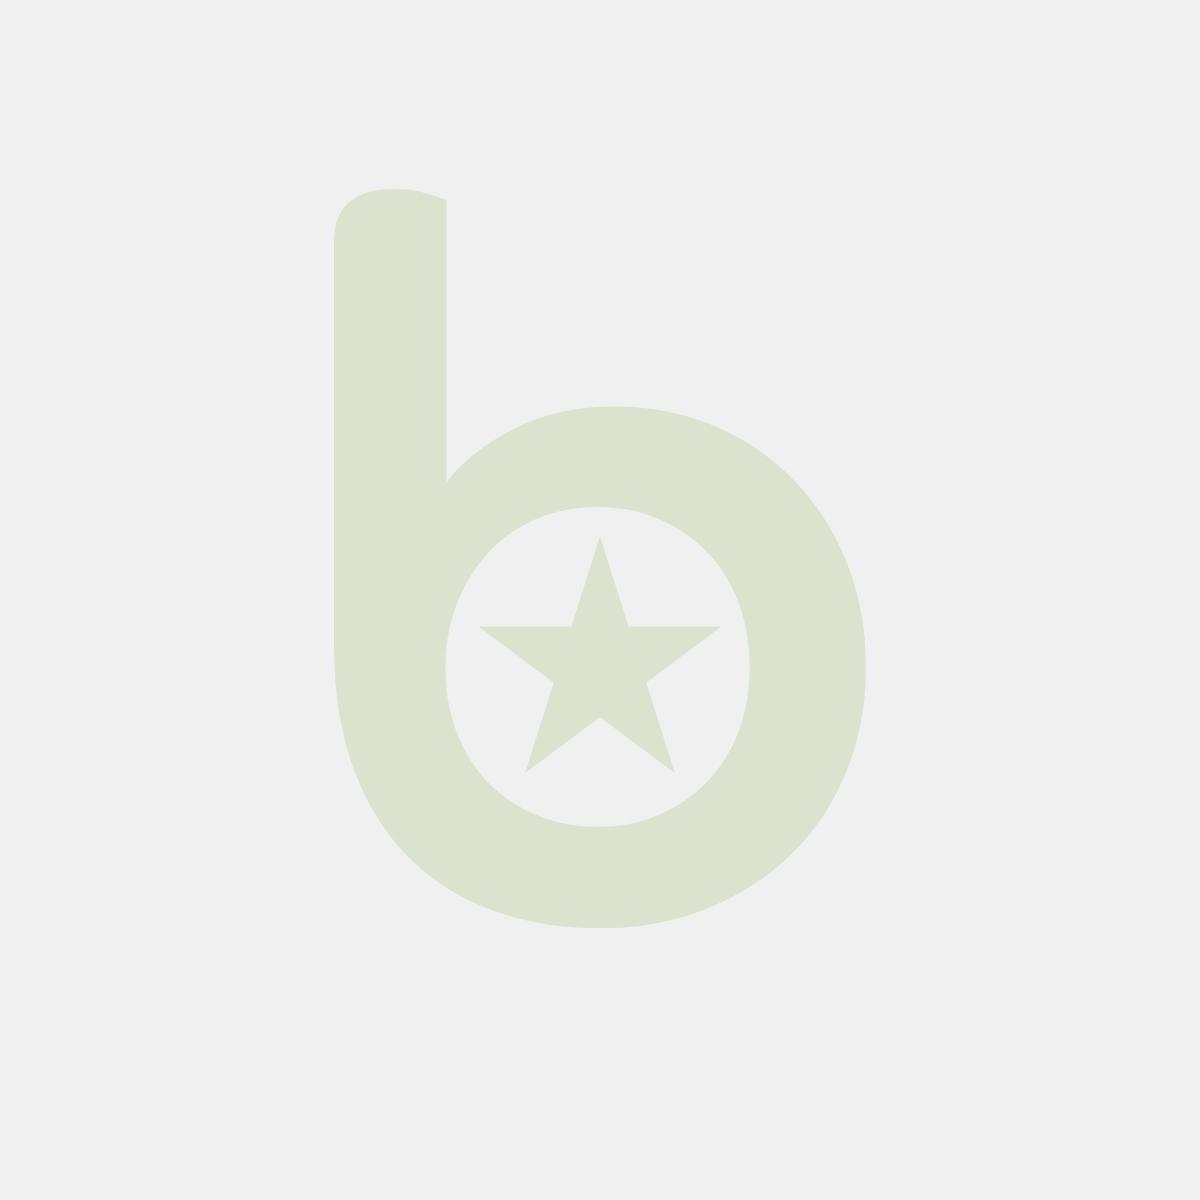 Taśma montażowa SCOTCH® (110), dwustronna, piankowa, 13mm x 1, 9m, biała